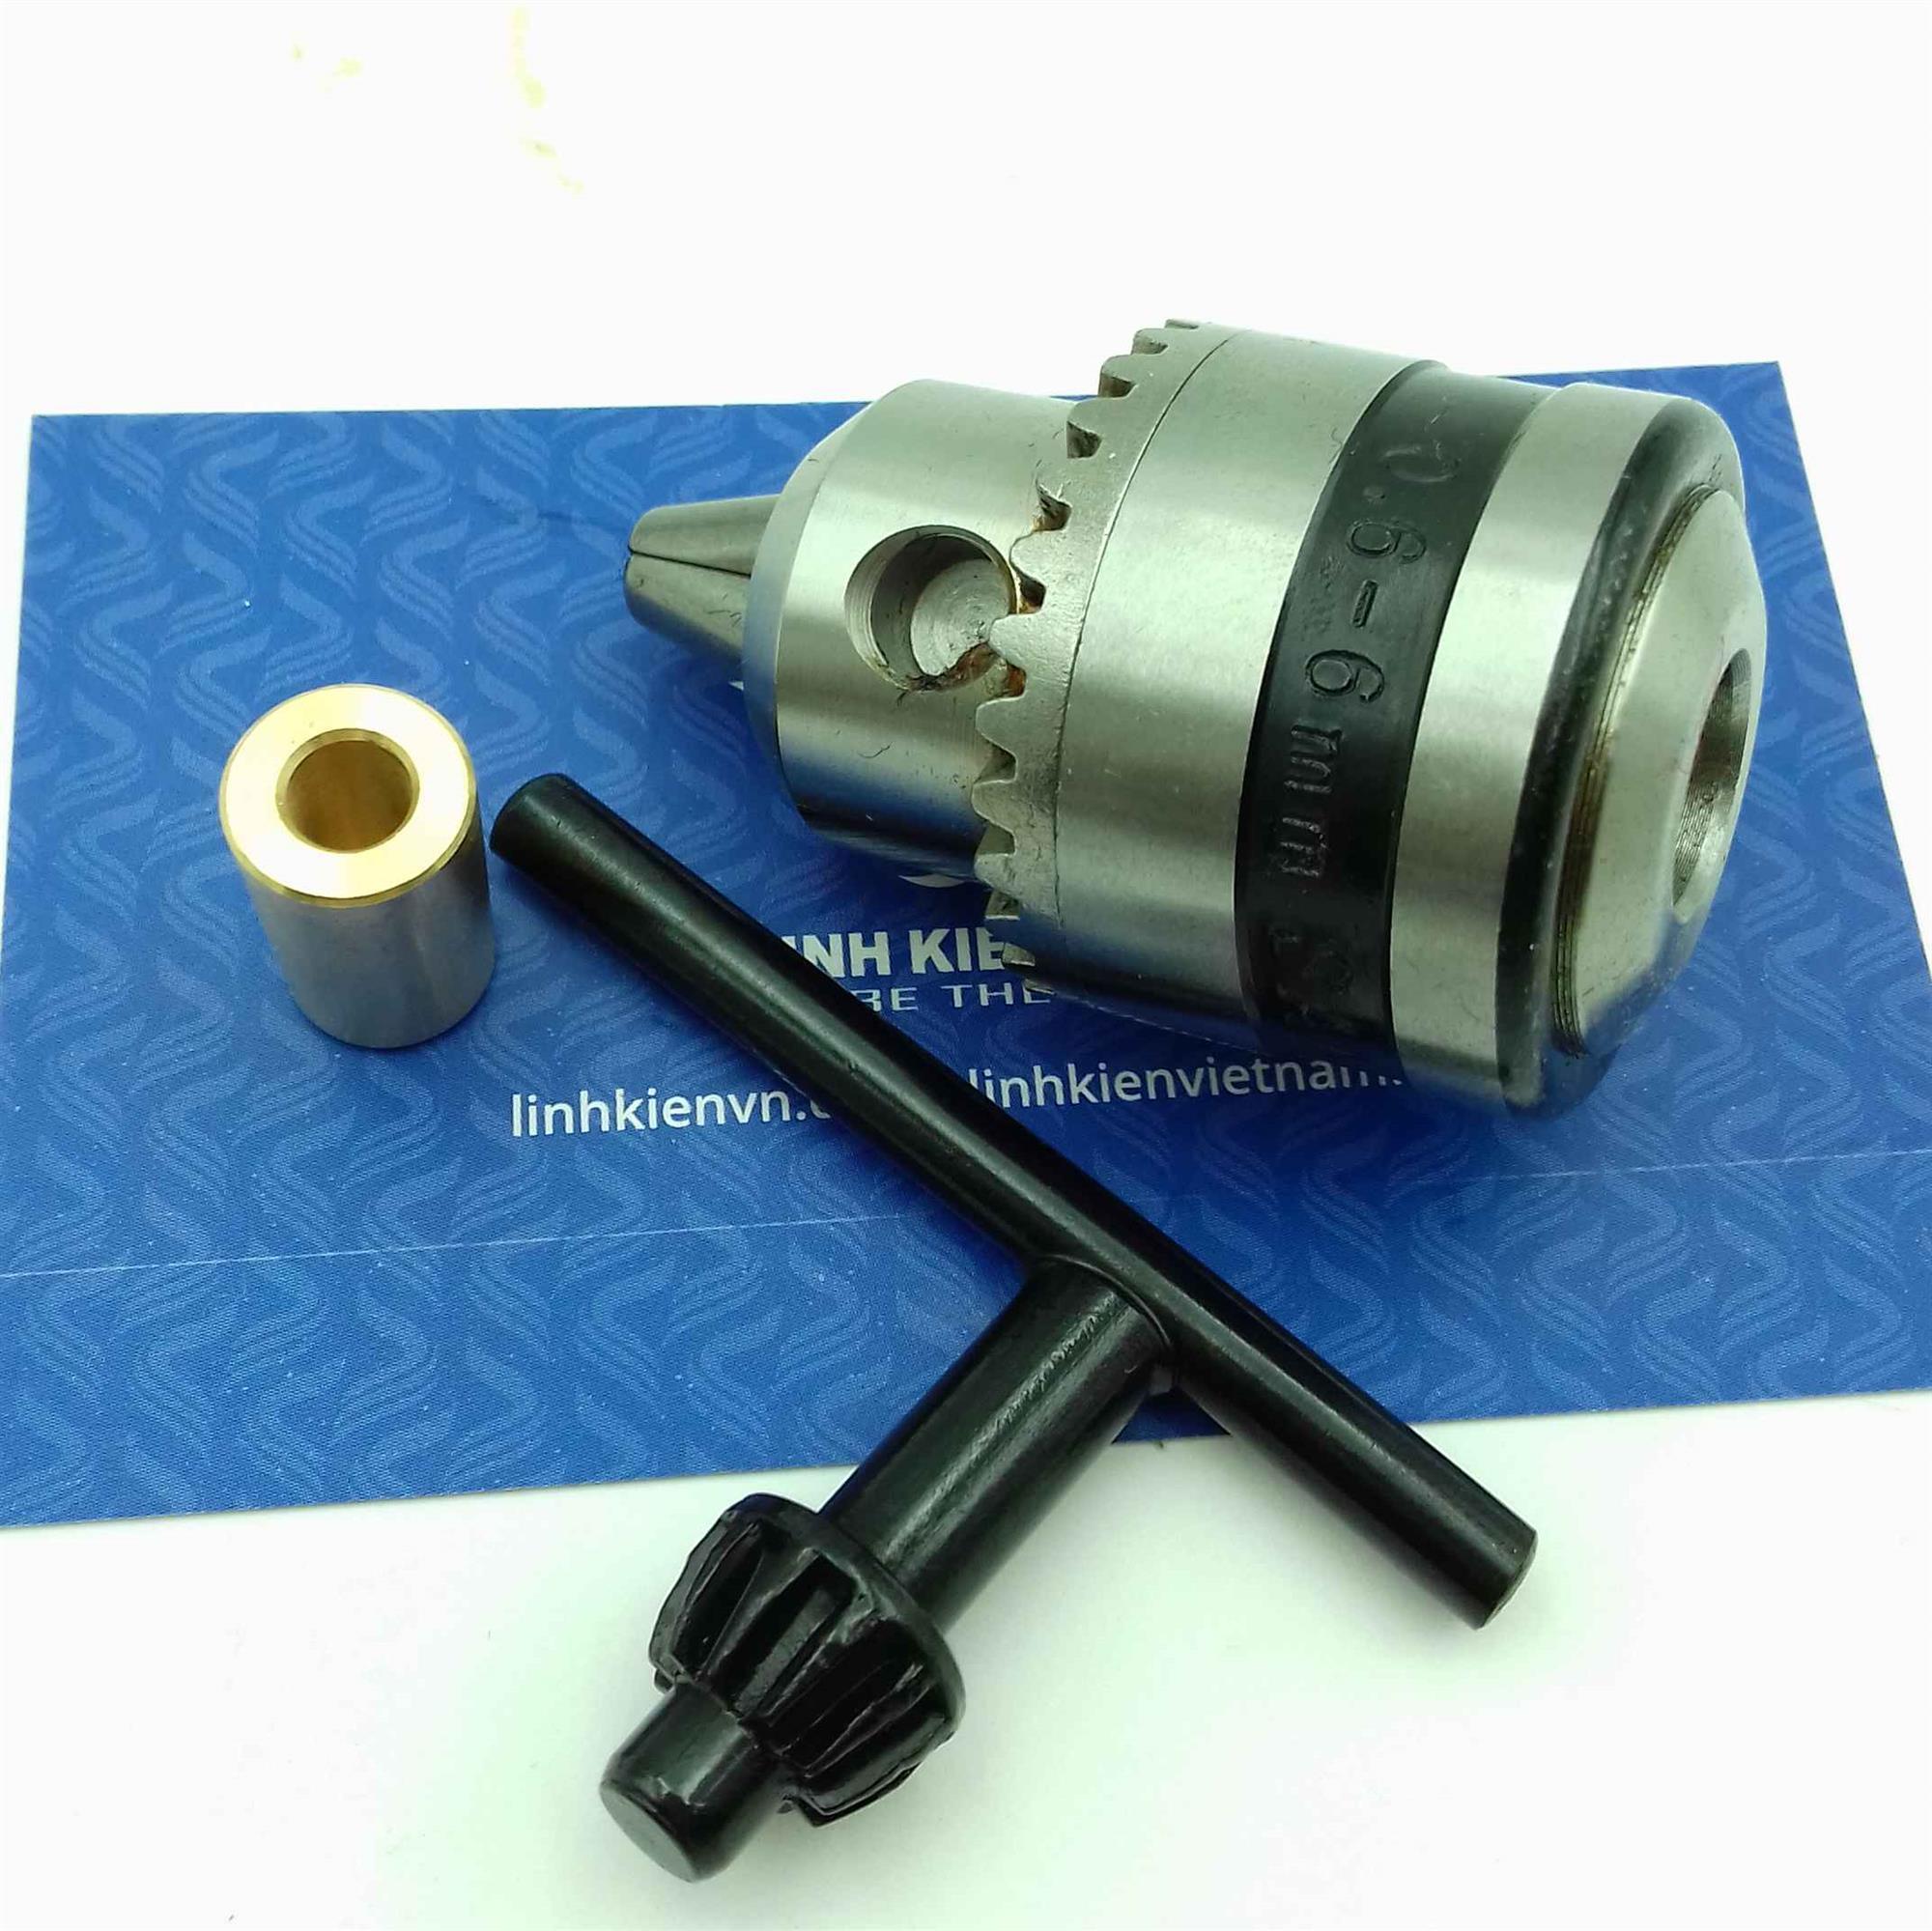 đầu kẹp mũi khoan 0.6-6mm full có đầu đồng cho động cơ 550 / trục giữ mũi khoan / Đầu khoan mạch 0.6-6mm - i5H13